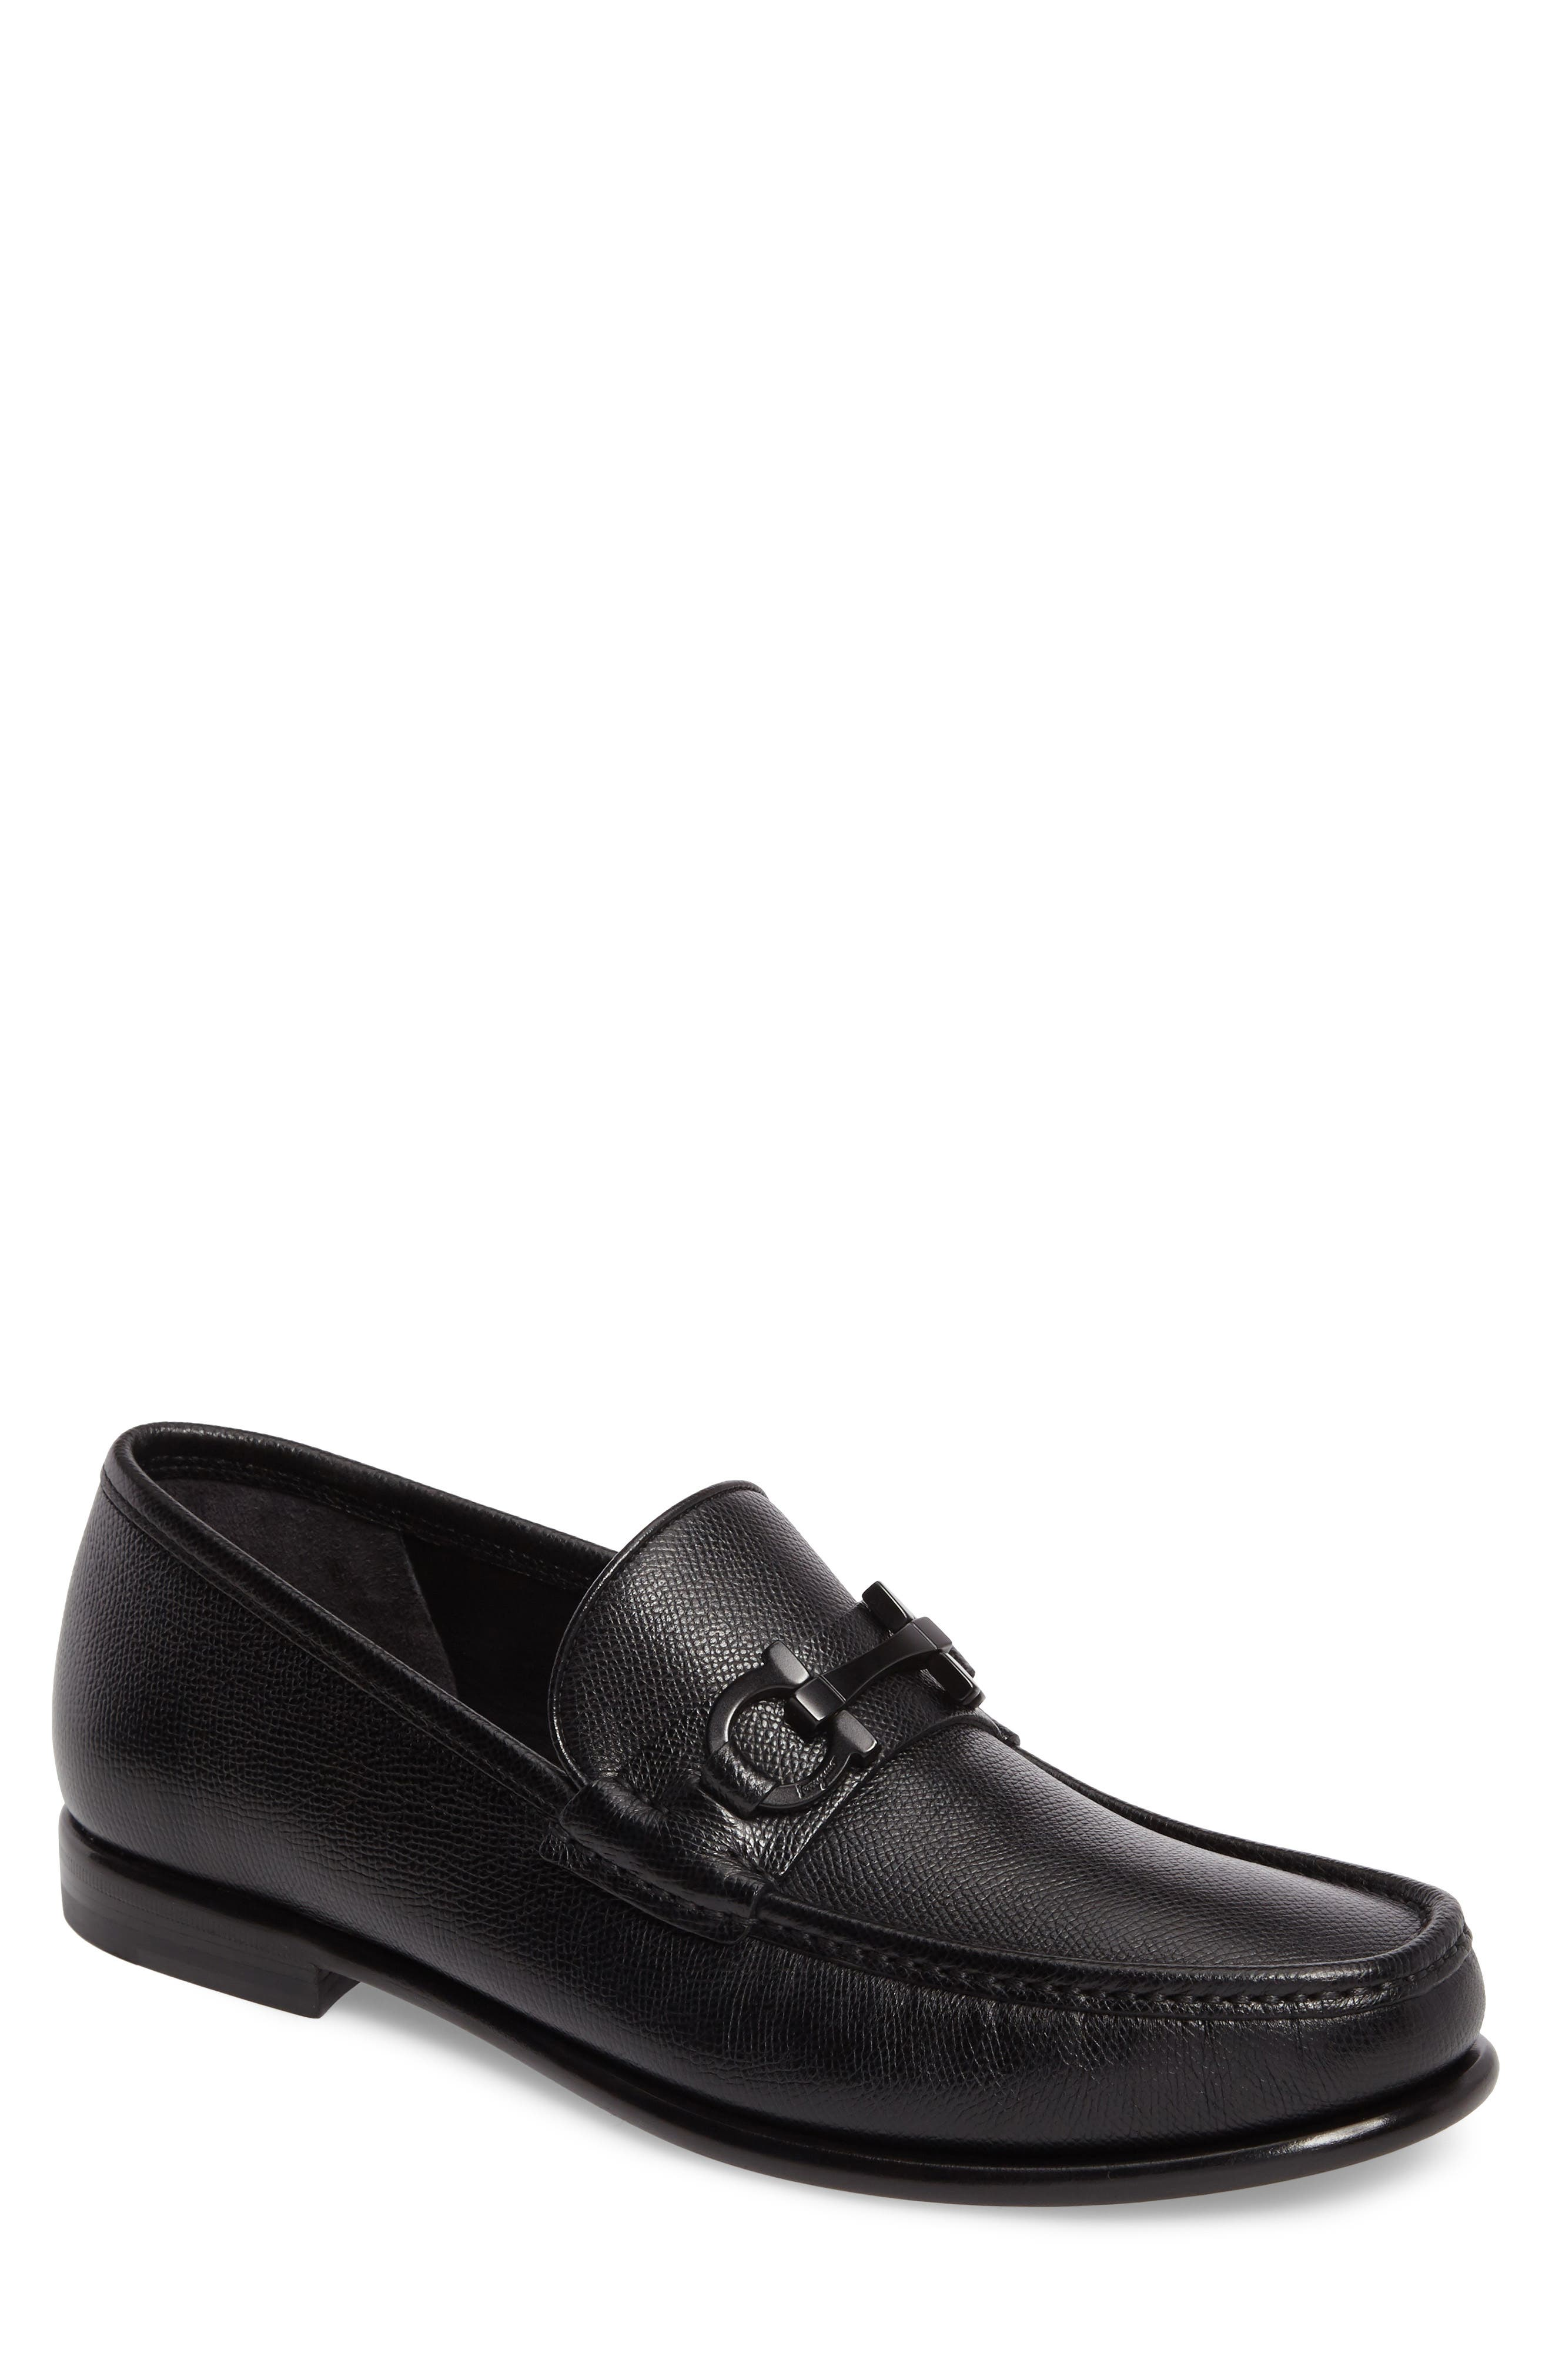 Crown Bit Loafer,                         Main,                         color, 001